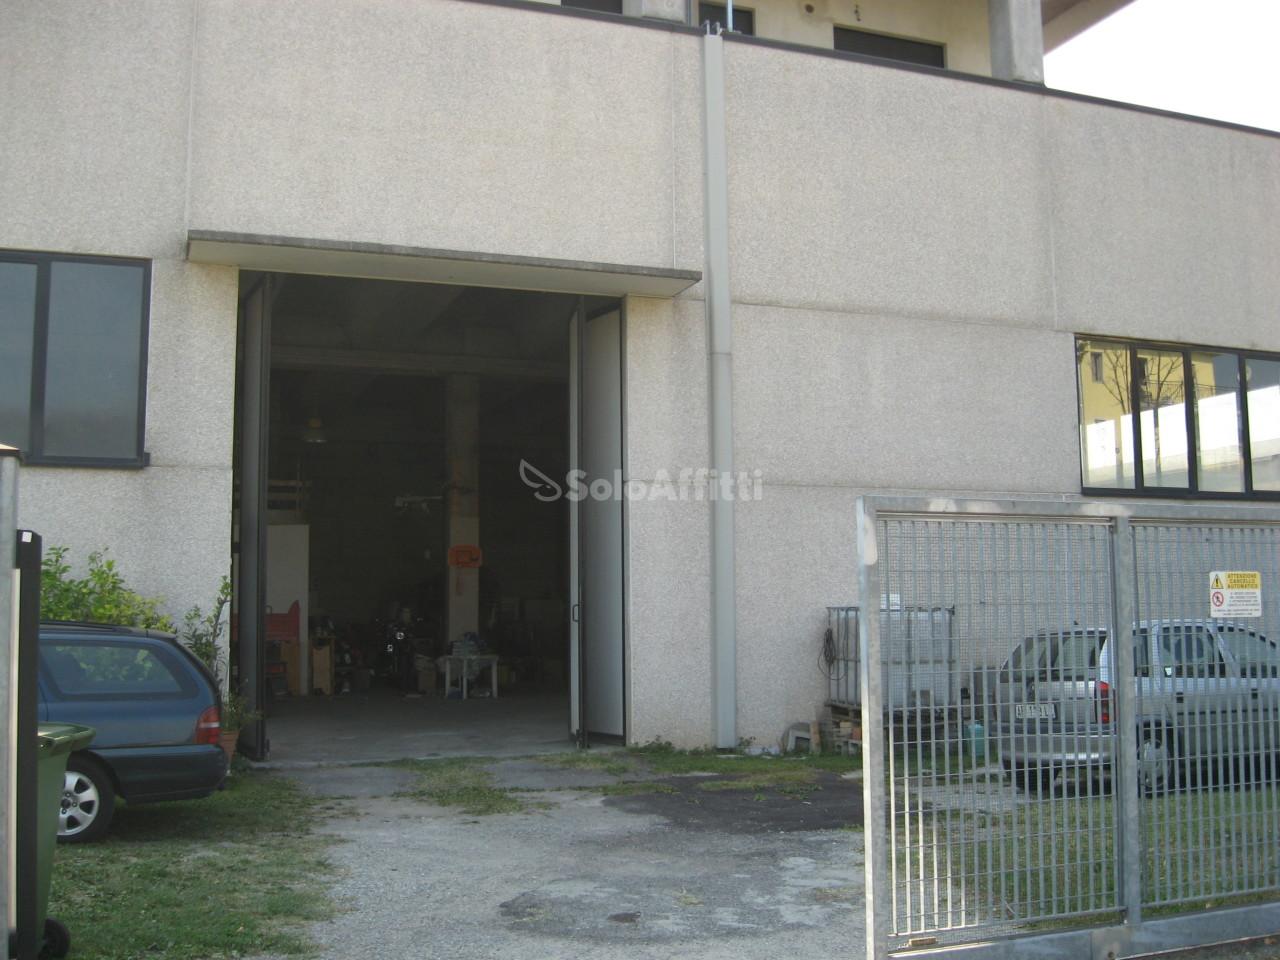 Capannone - Indipendente a Sant'Agata, Cassina de' Pecchi Rif. 6326139